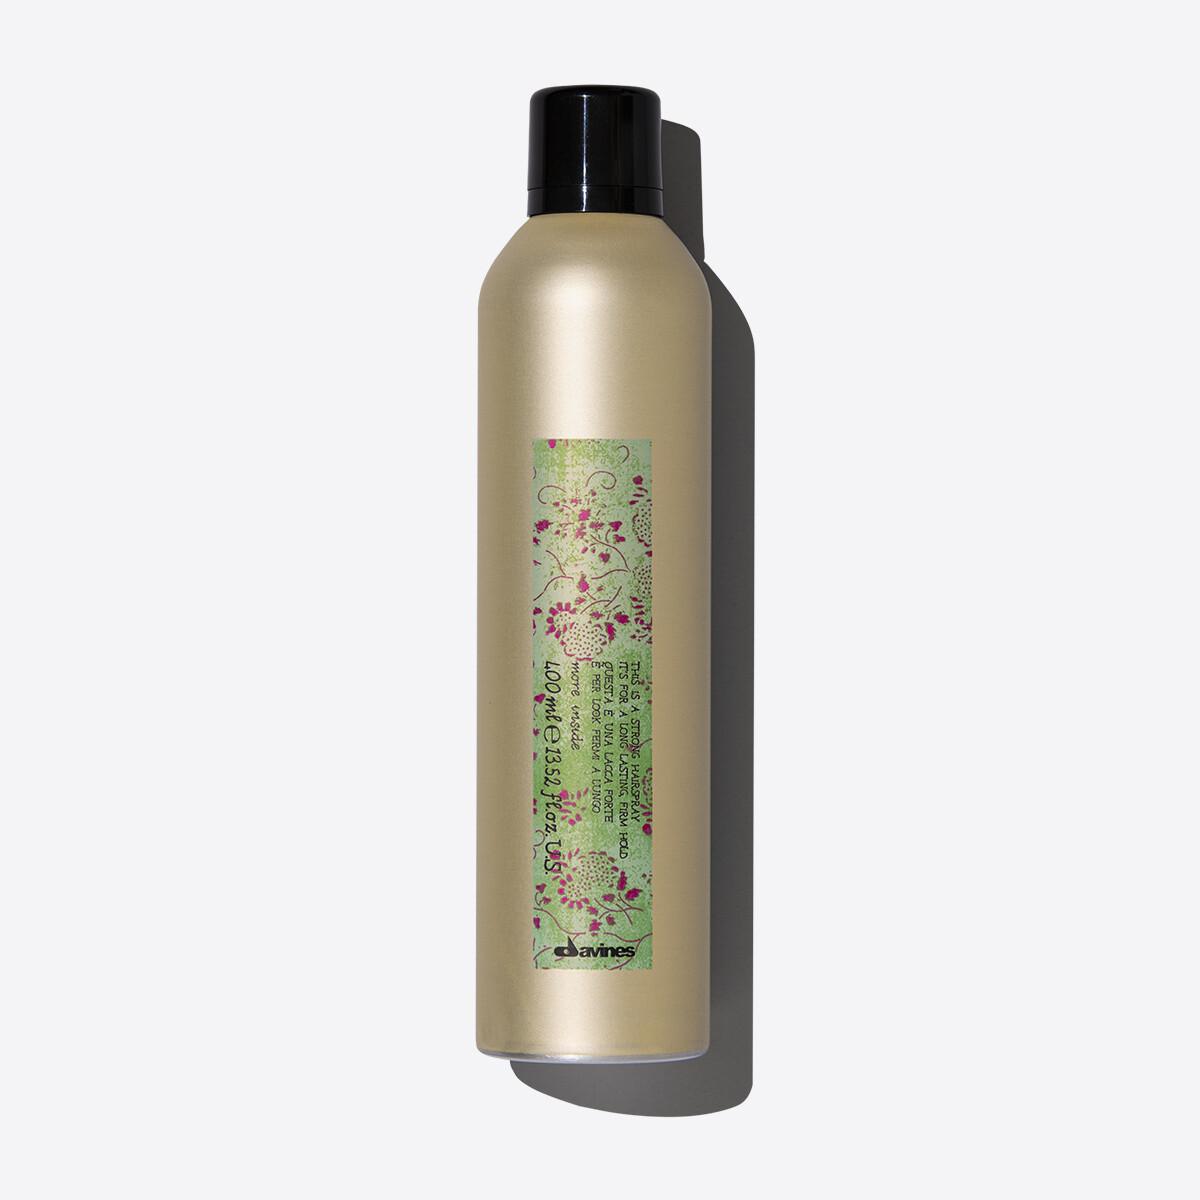 Davines This is a Strong Hairspray 400 ml | Spray Fijación Fuerte